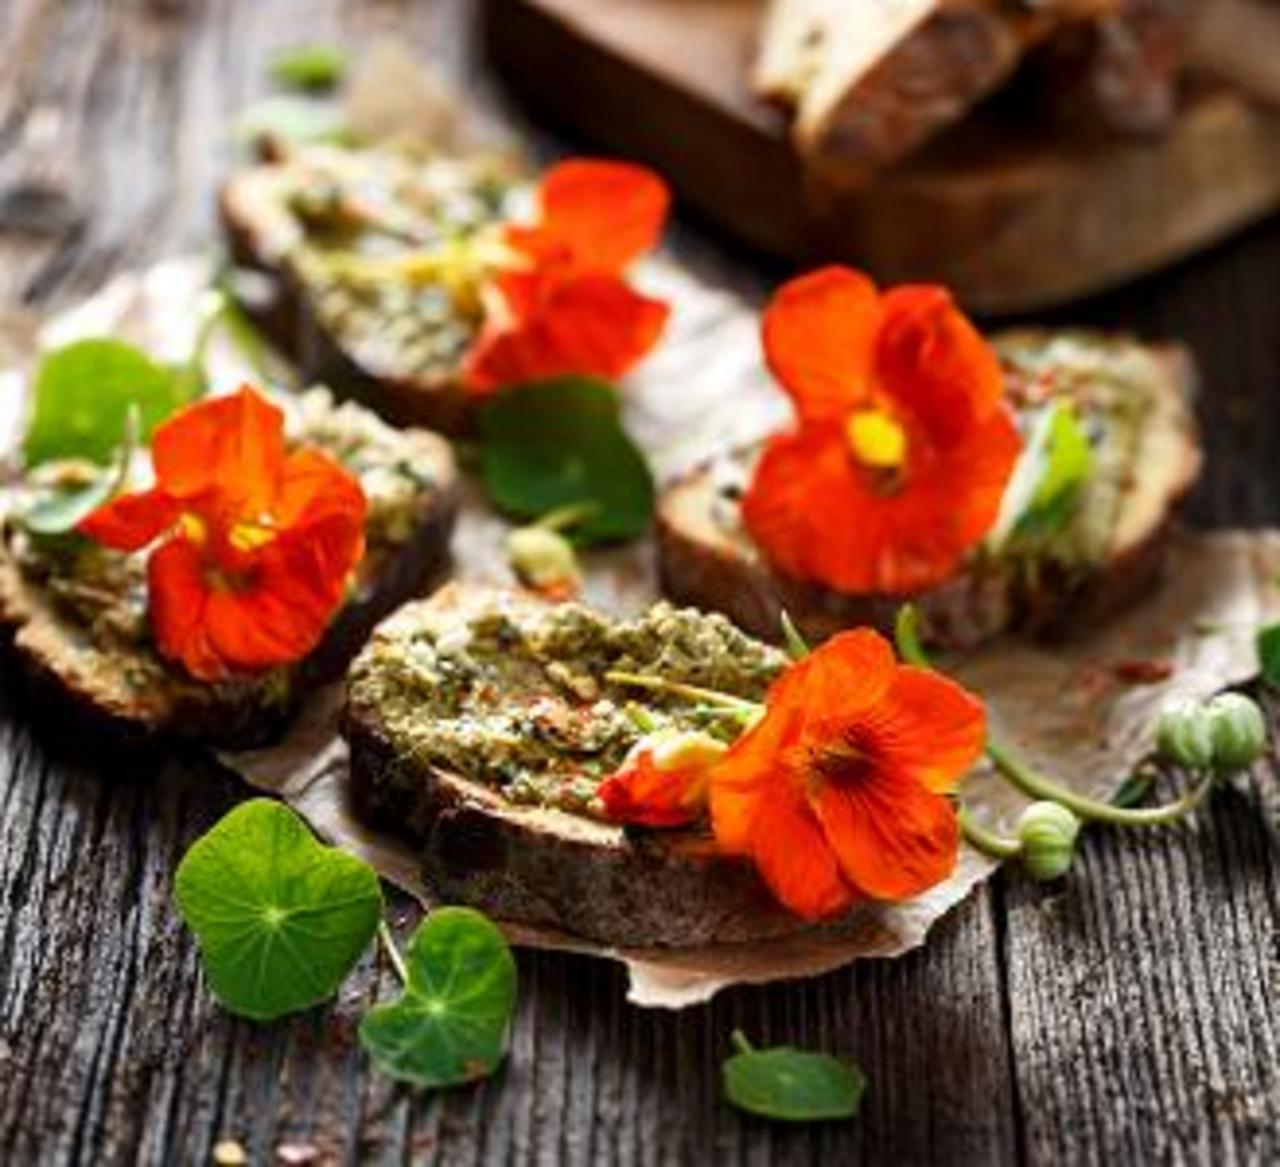 conseil santé cuisine